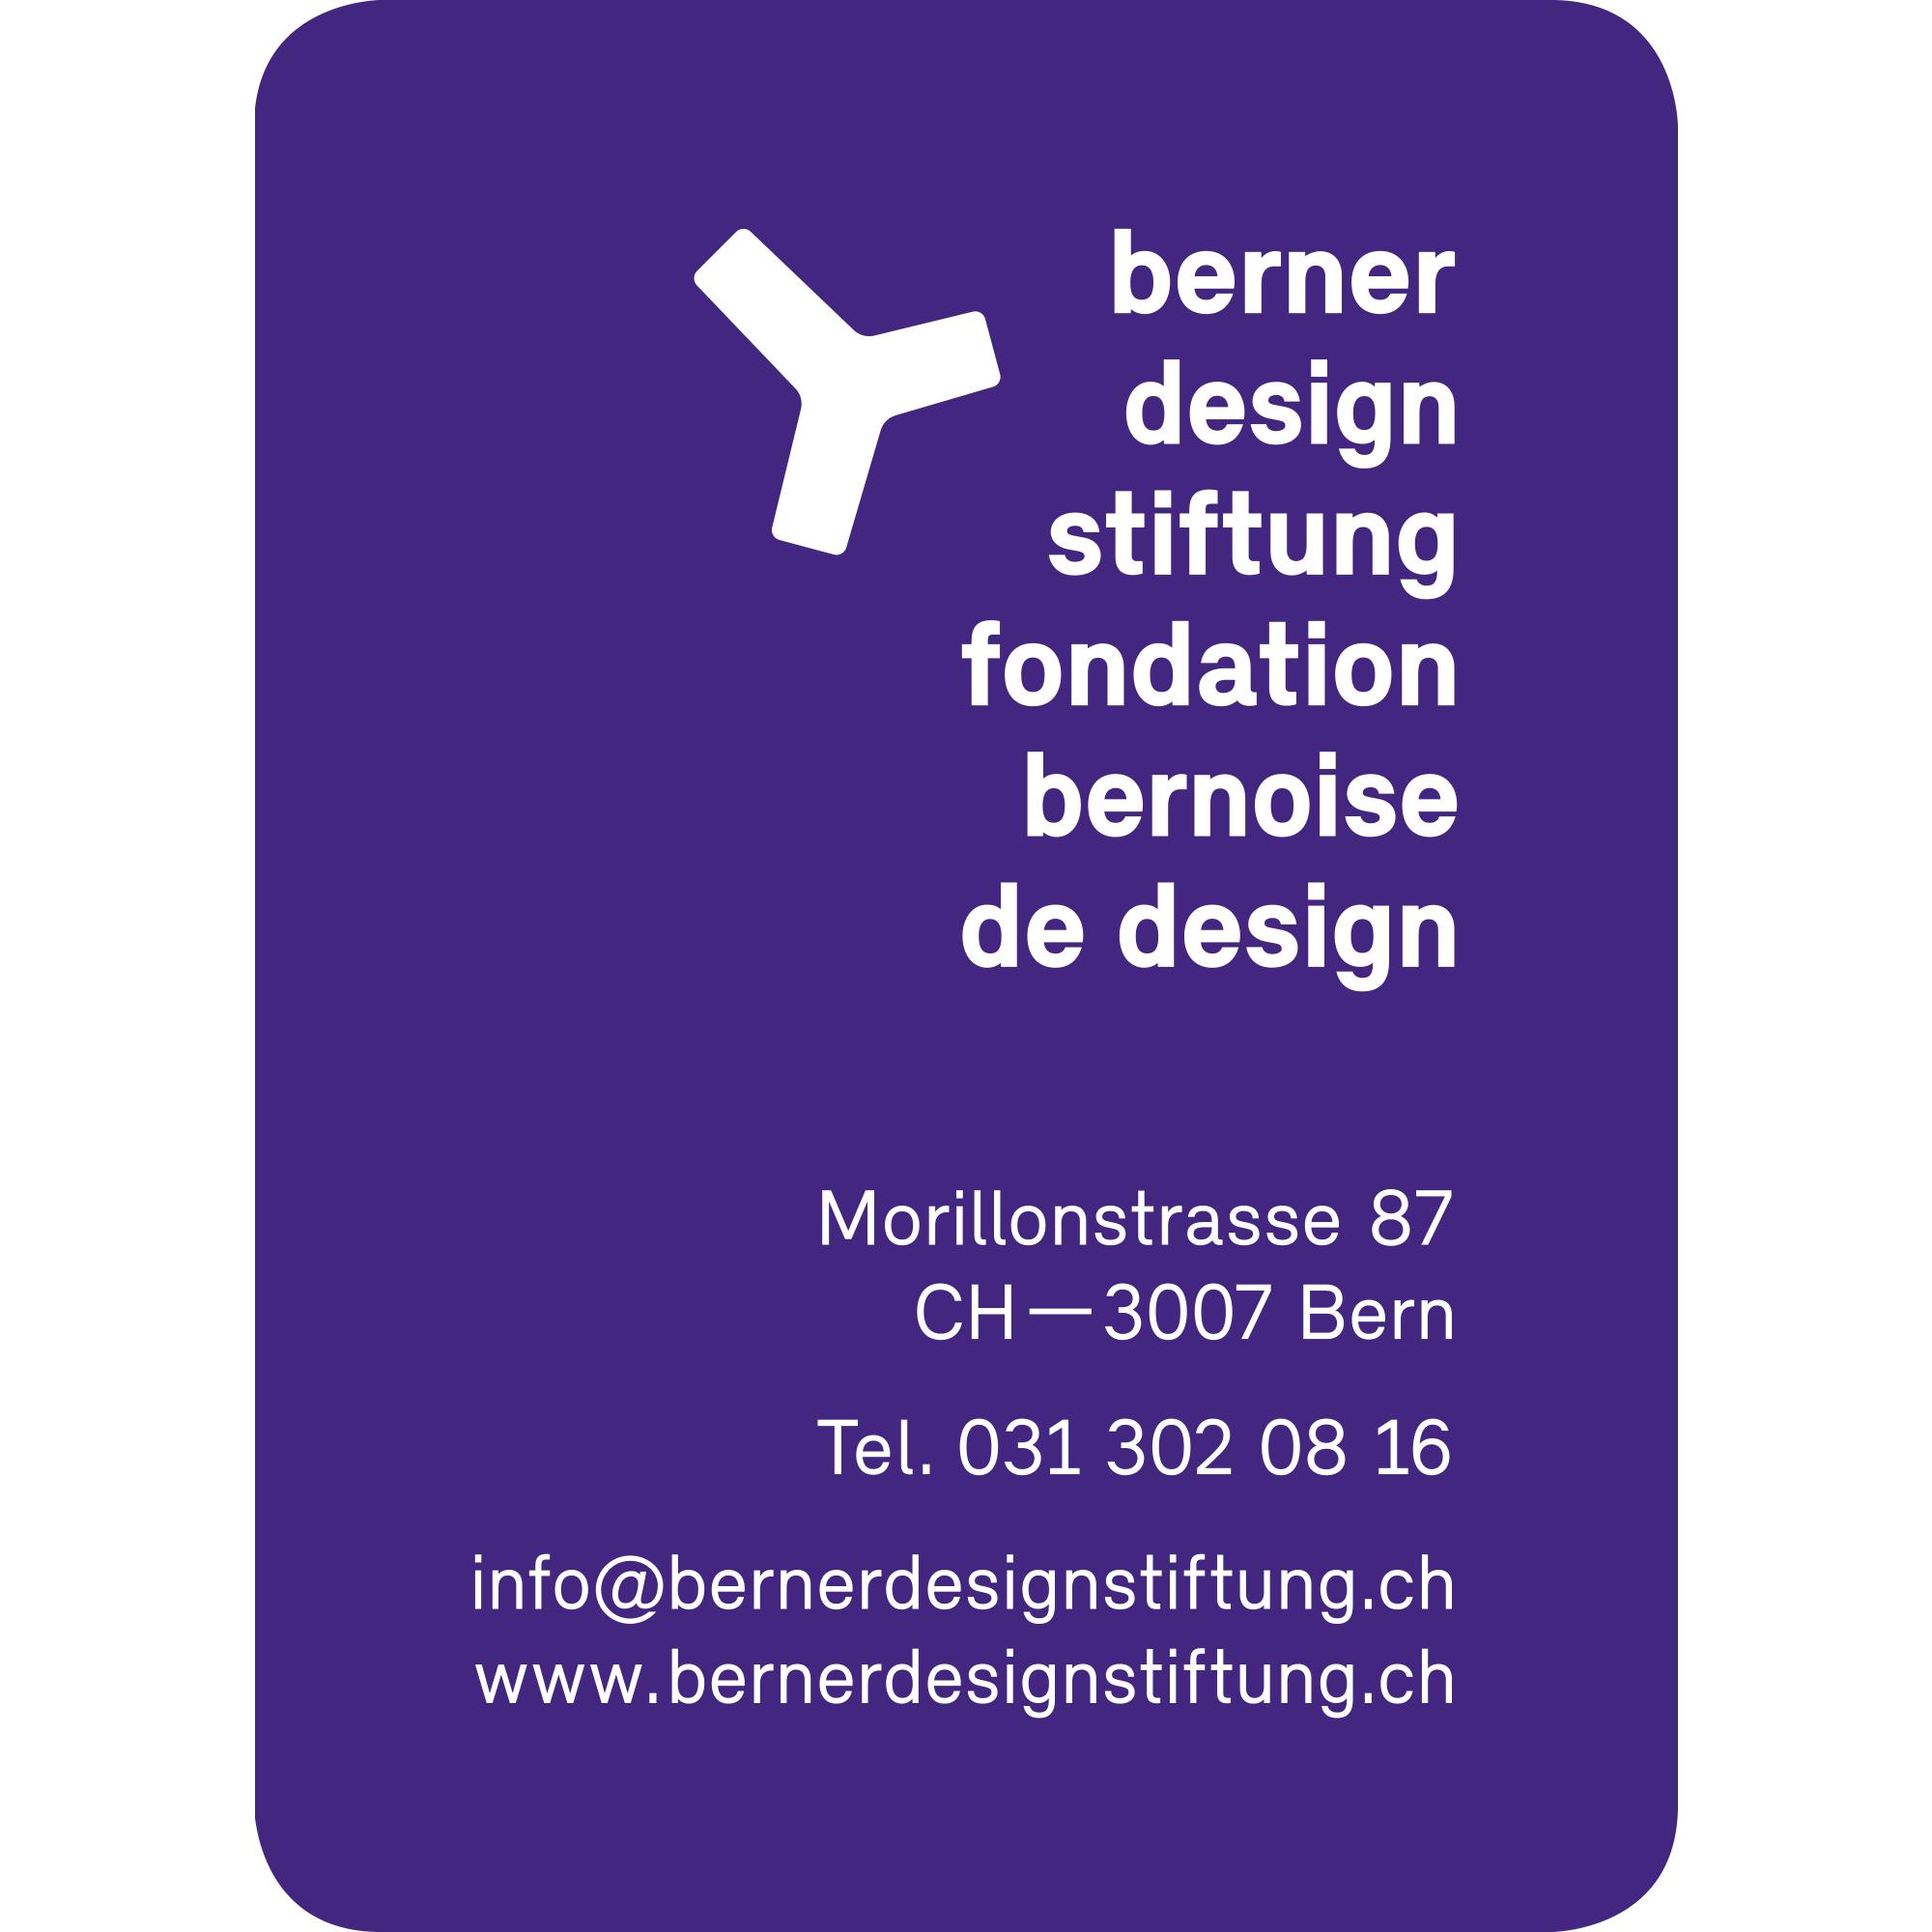 Berner Design Stiftung / 2012 / (link: http://www.bernerdesignstiftung.ch/text: BDS target: _blank)